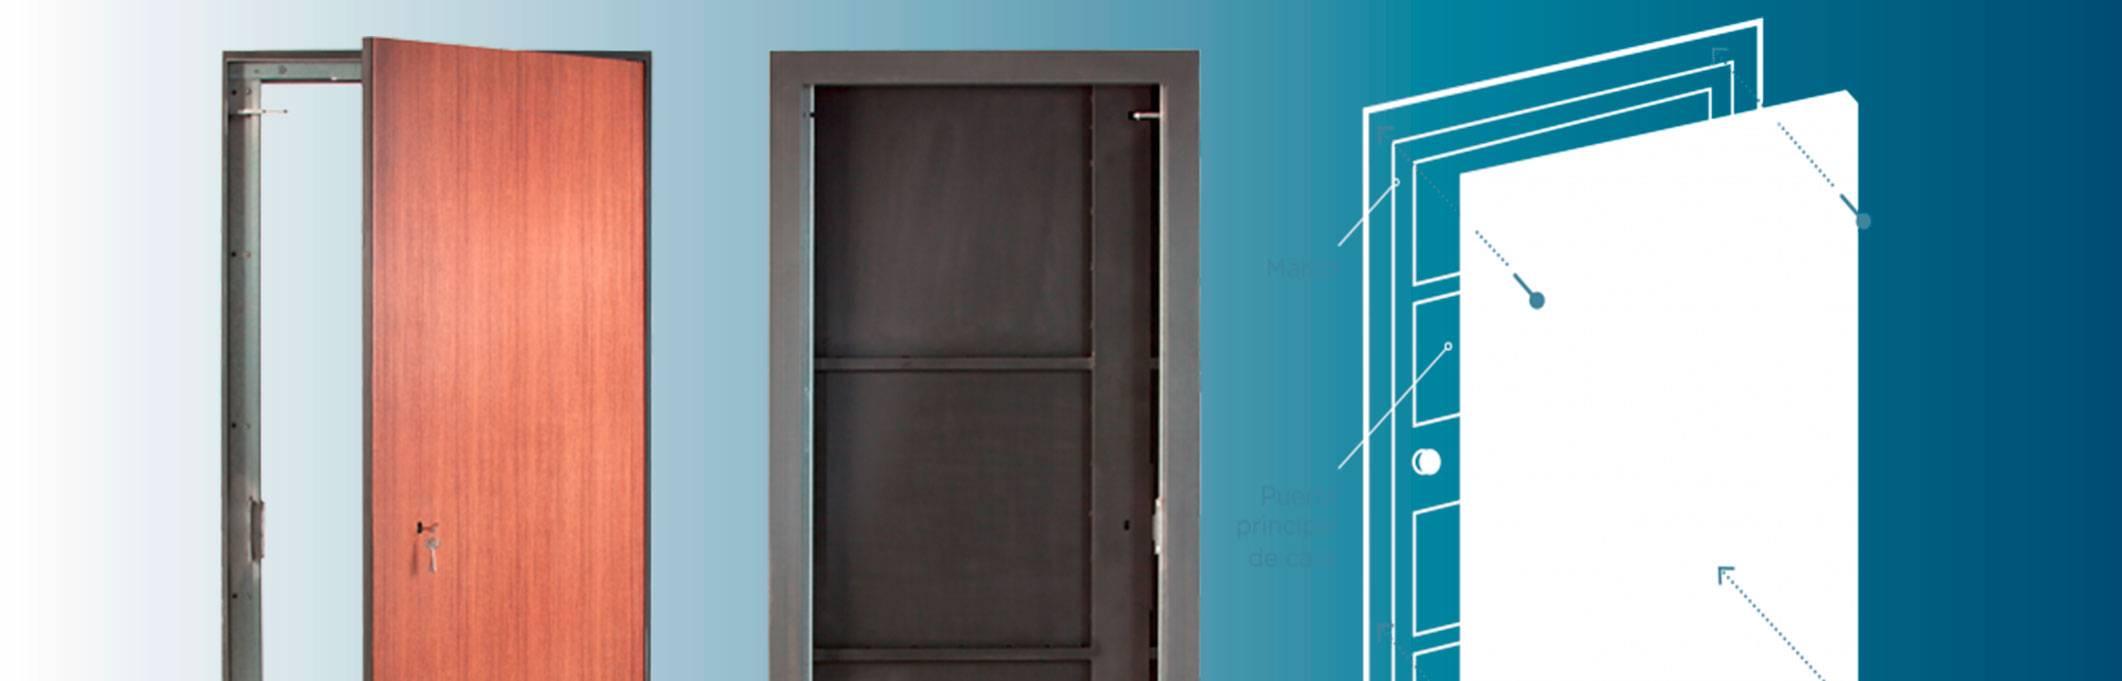 Puertas Acorazadas y Antiokupas